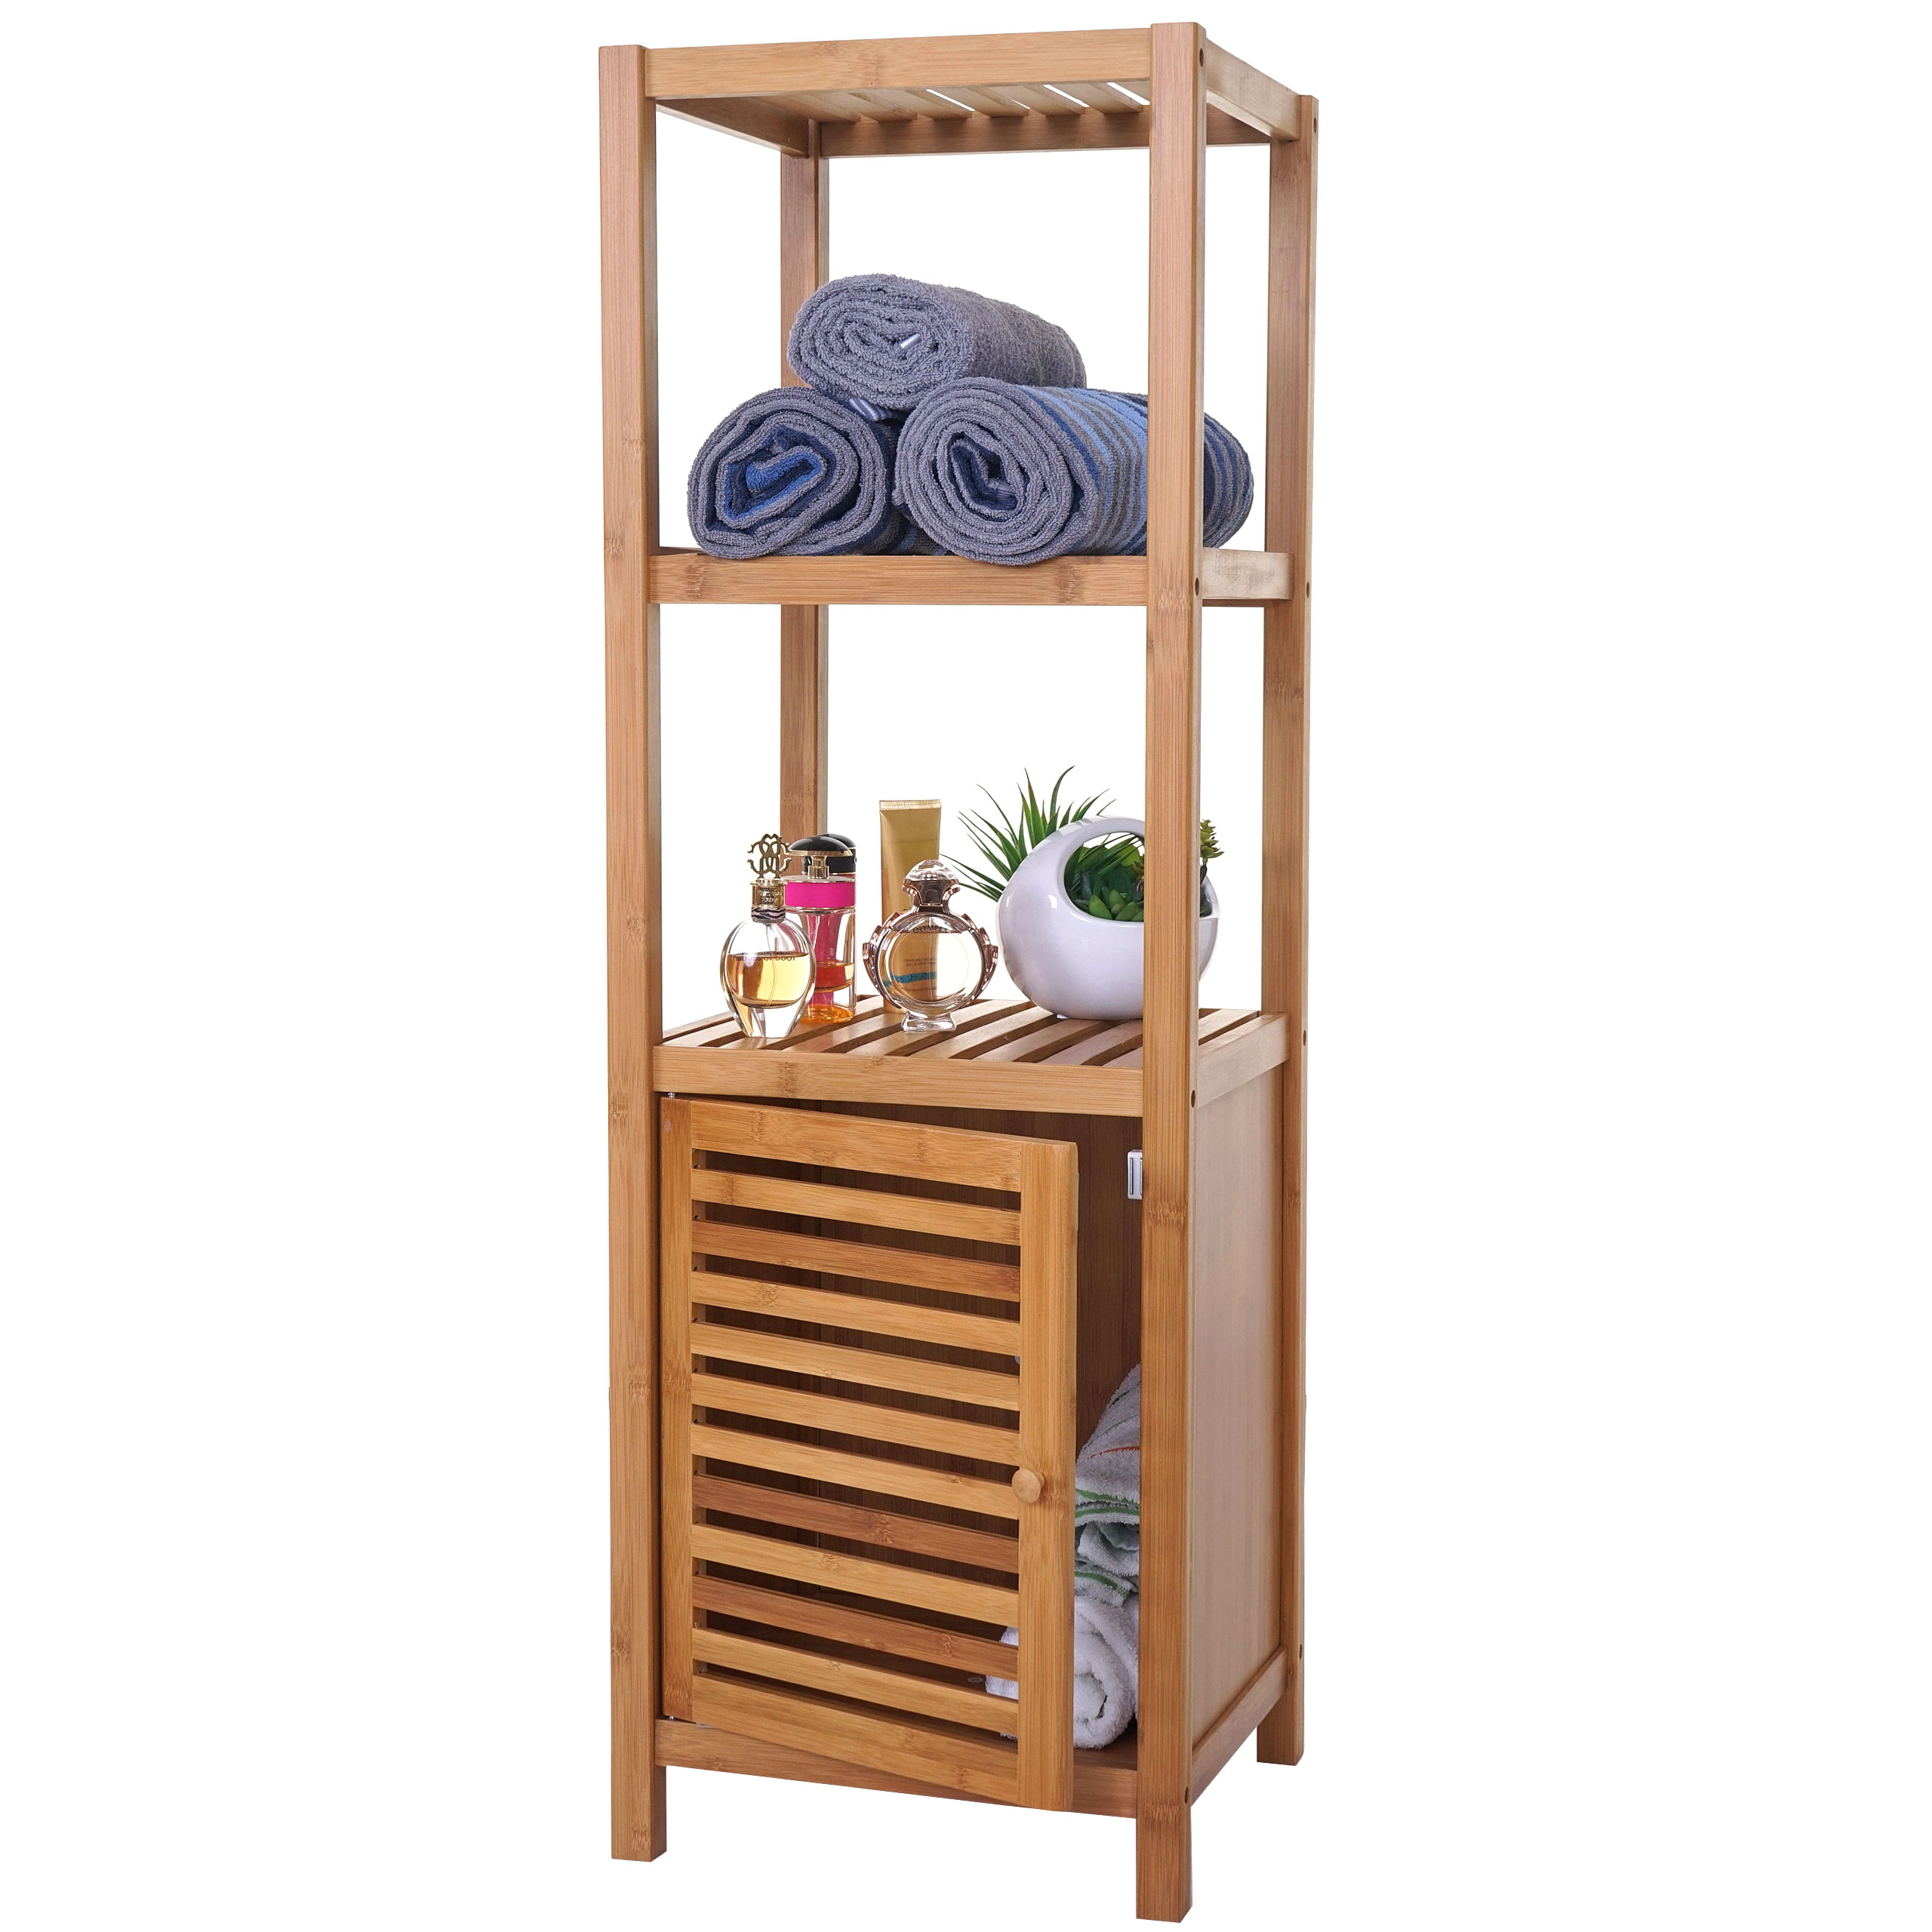 Badregal HWC-B16, Badezimmer Badschrank Standregal mit Tür, Bambus ~  16x16x16cm